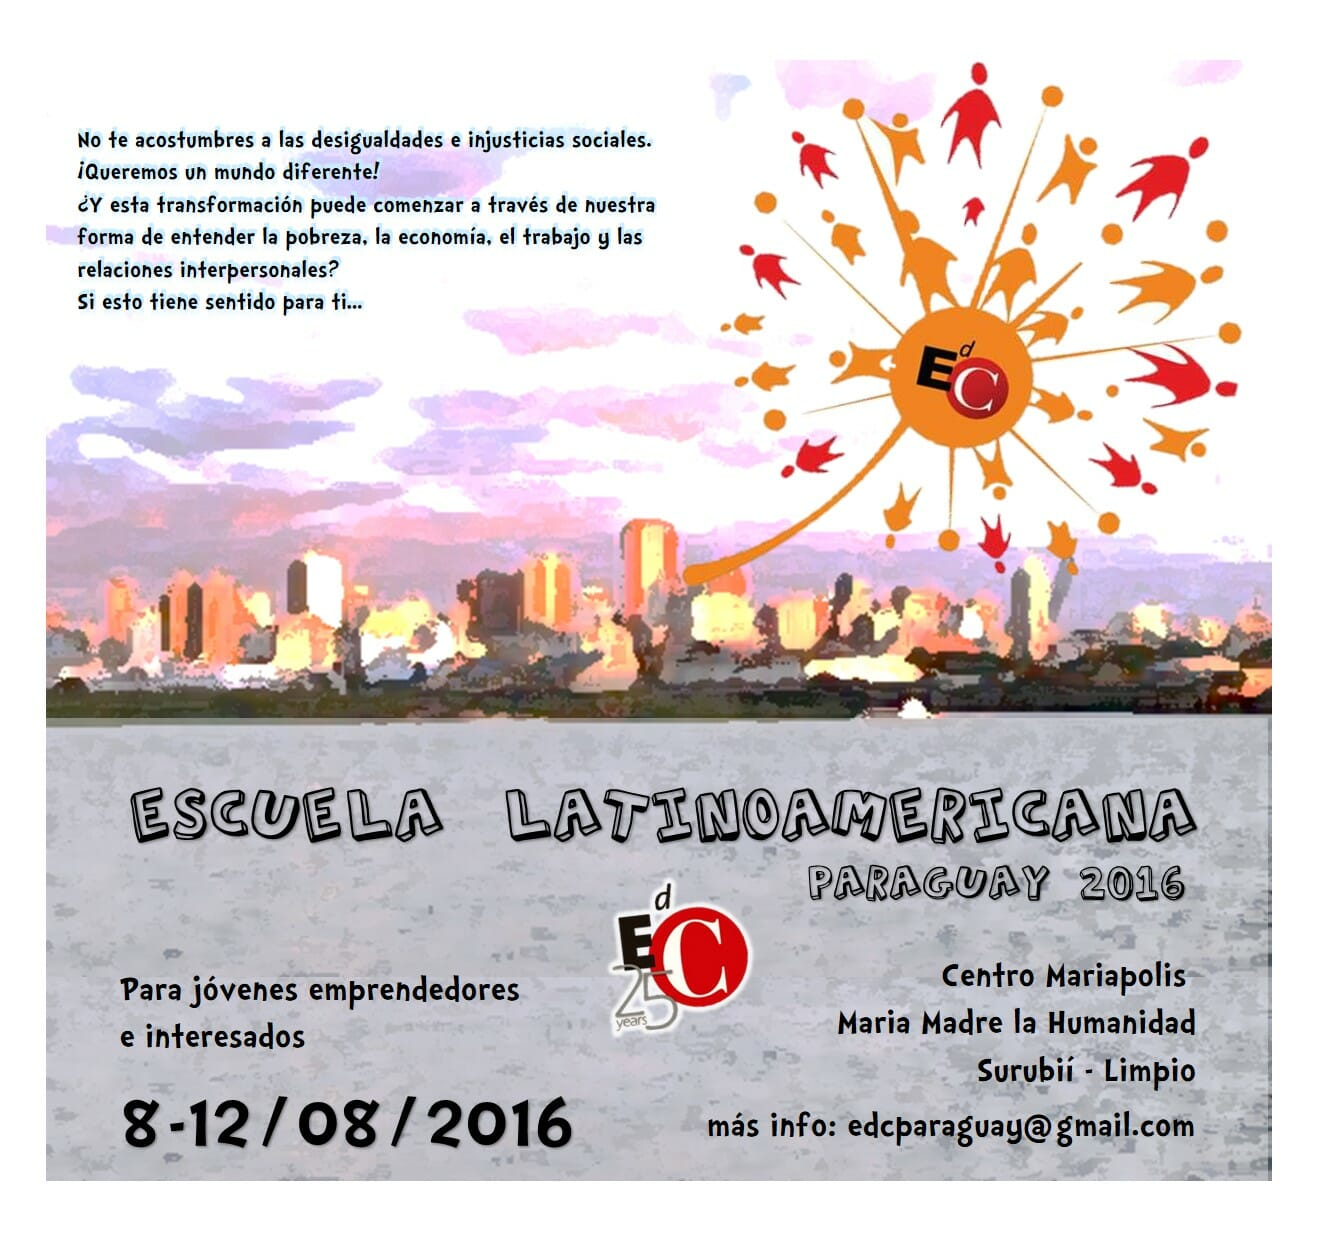 invitacion_escuela_edc_español